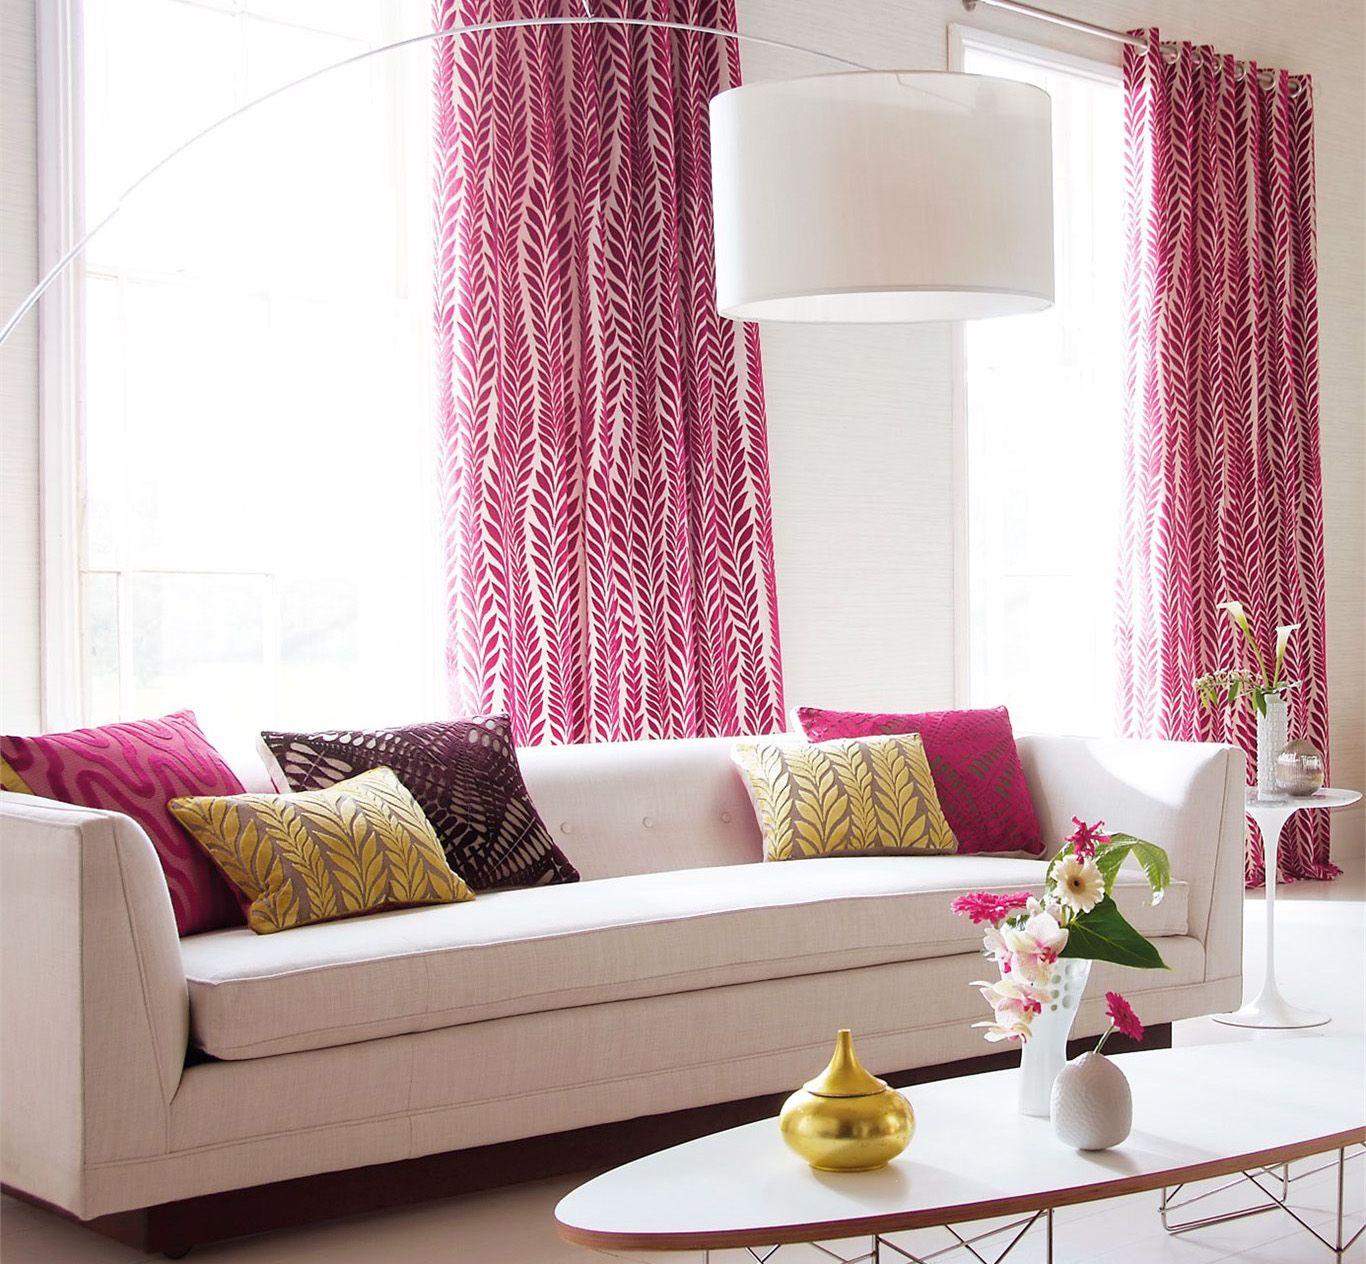 Розово-белые шторы и подушки в интерьере гостиной